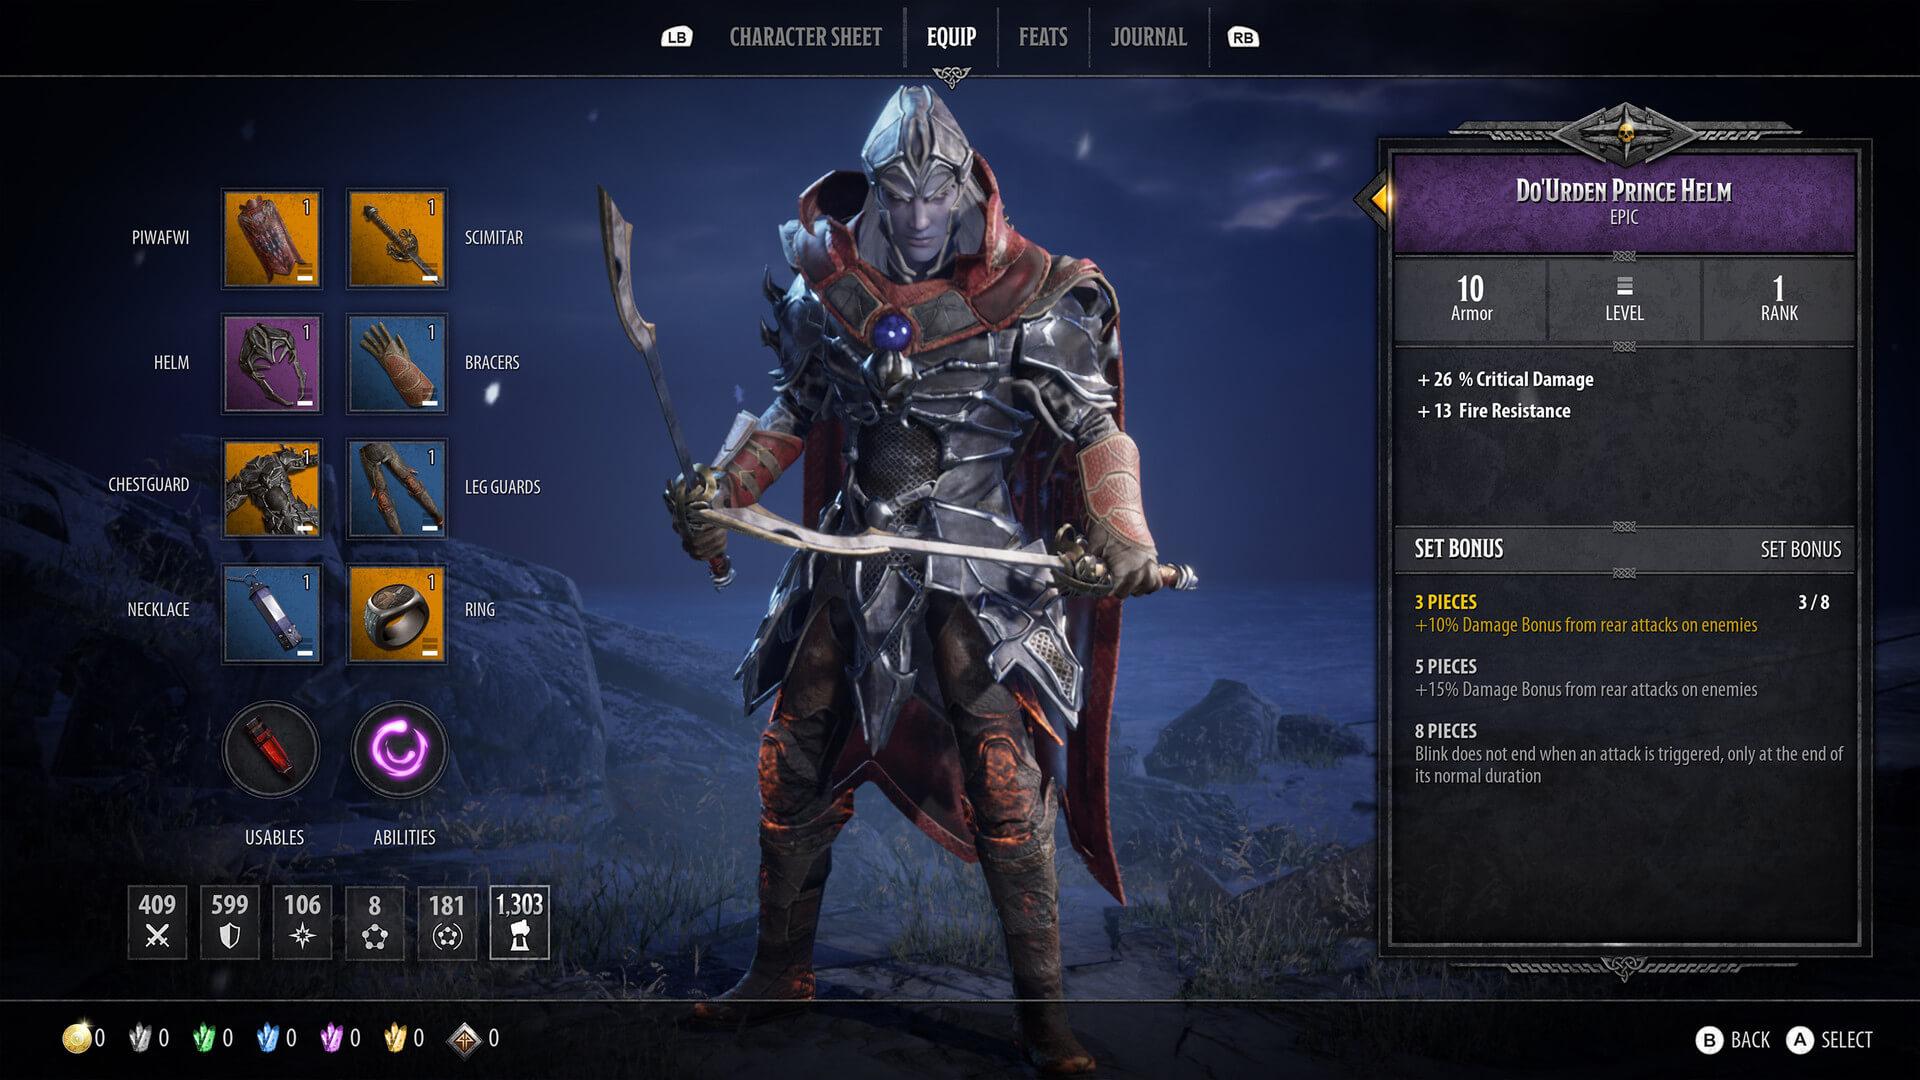 La schermata d'equipaggiamento del personaggio è semplice e intuitiva.